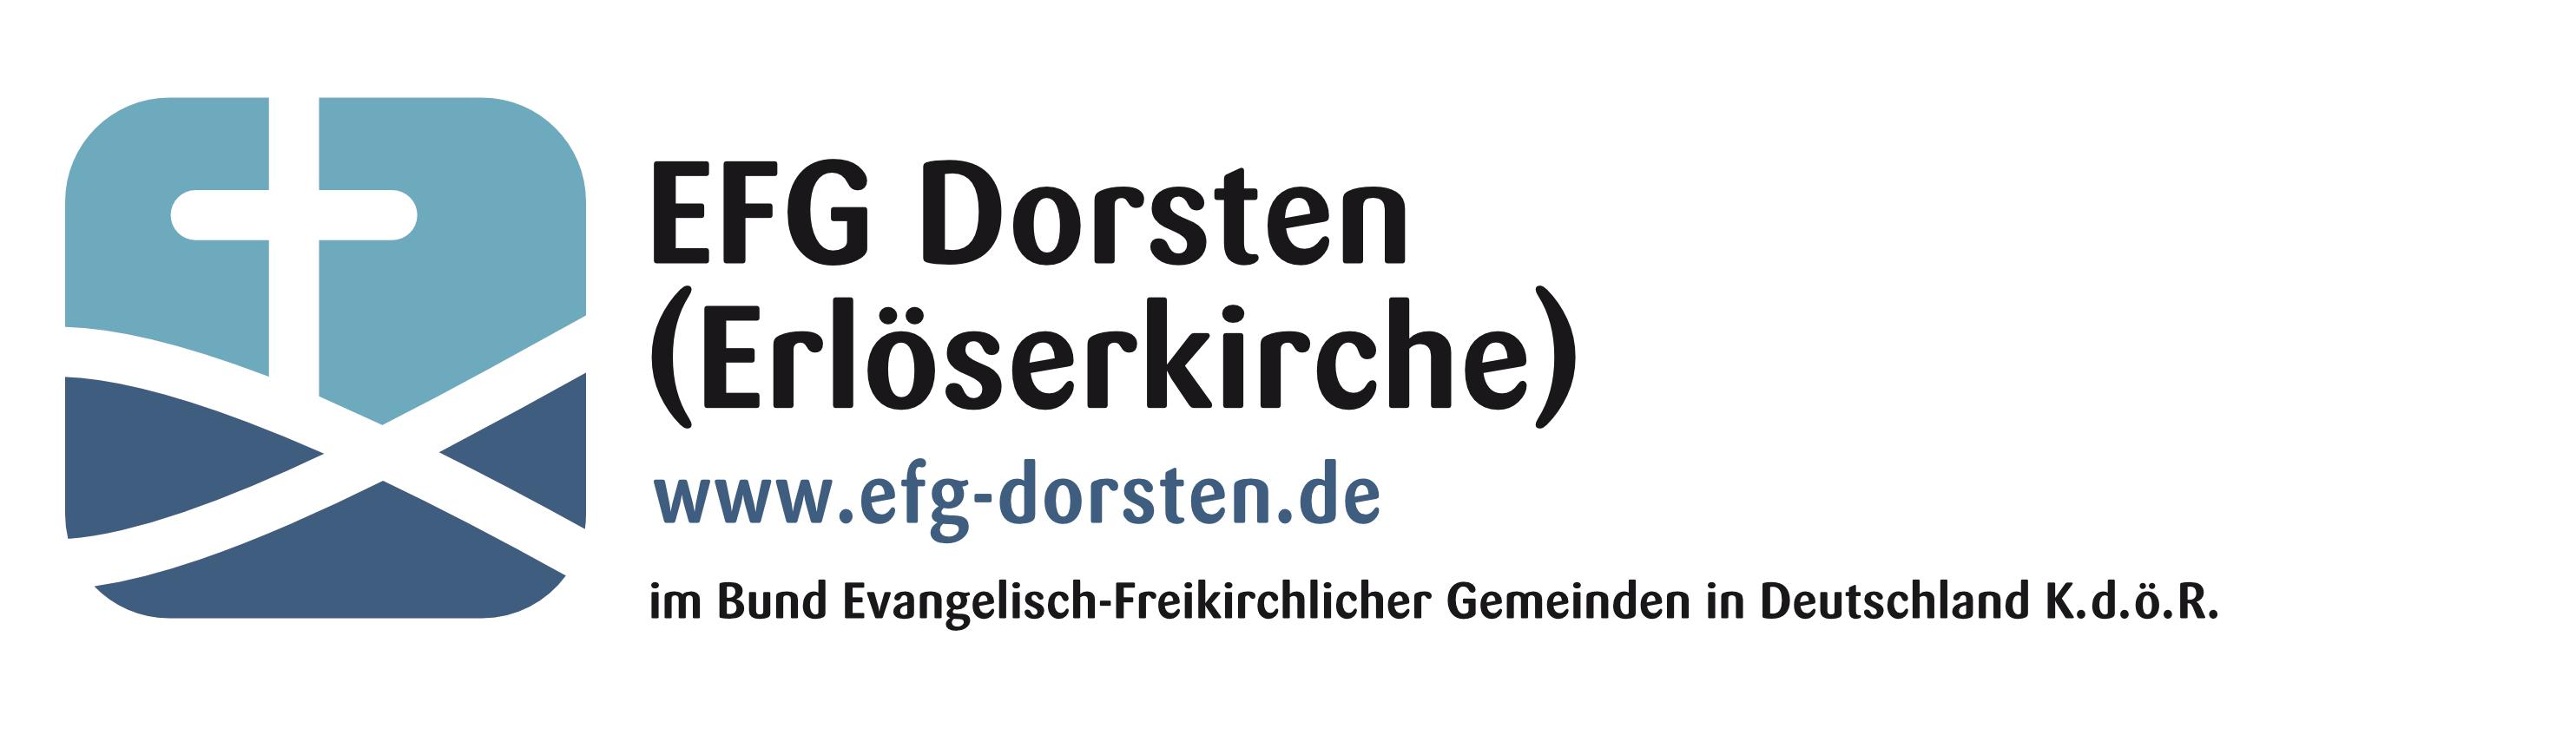 Evangelisch Freikirchliche Gemeinde Dorsten